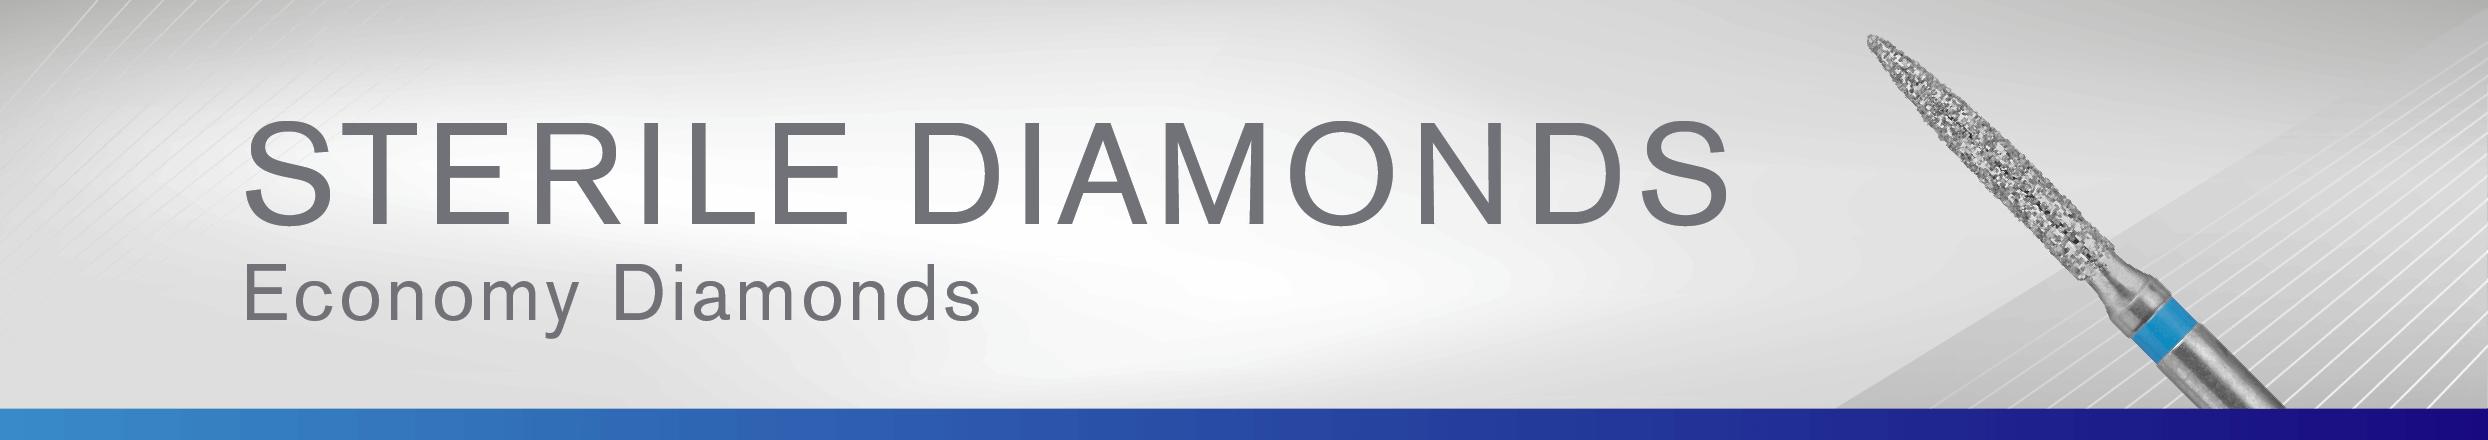 Sterile Economy Diamonds